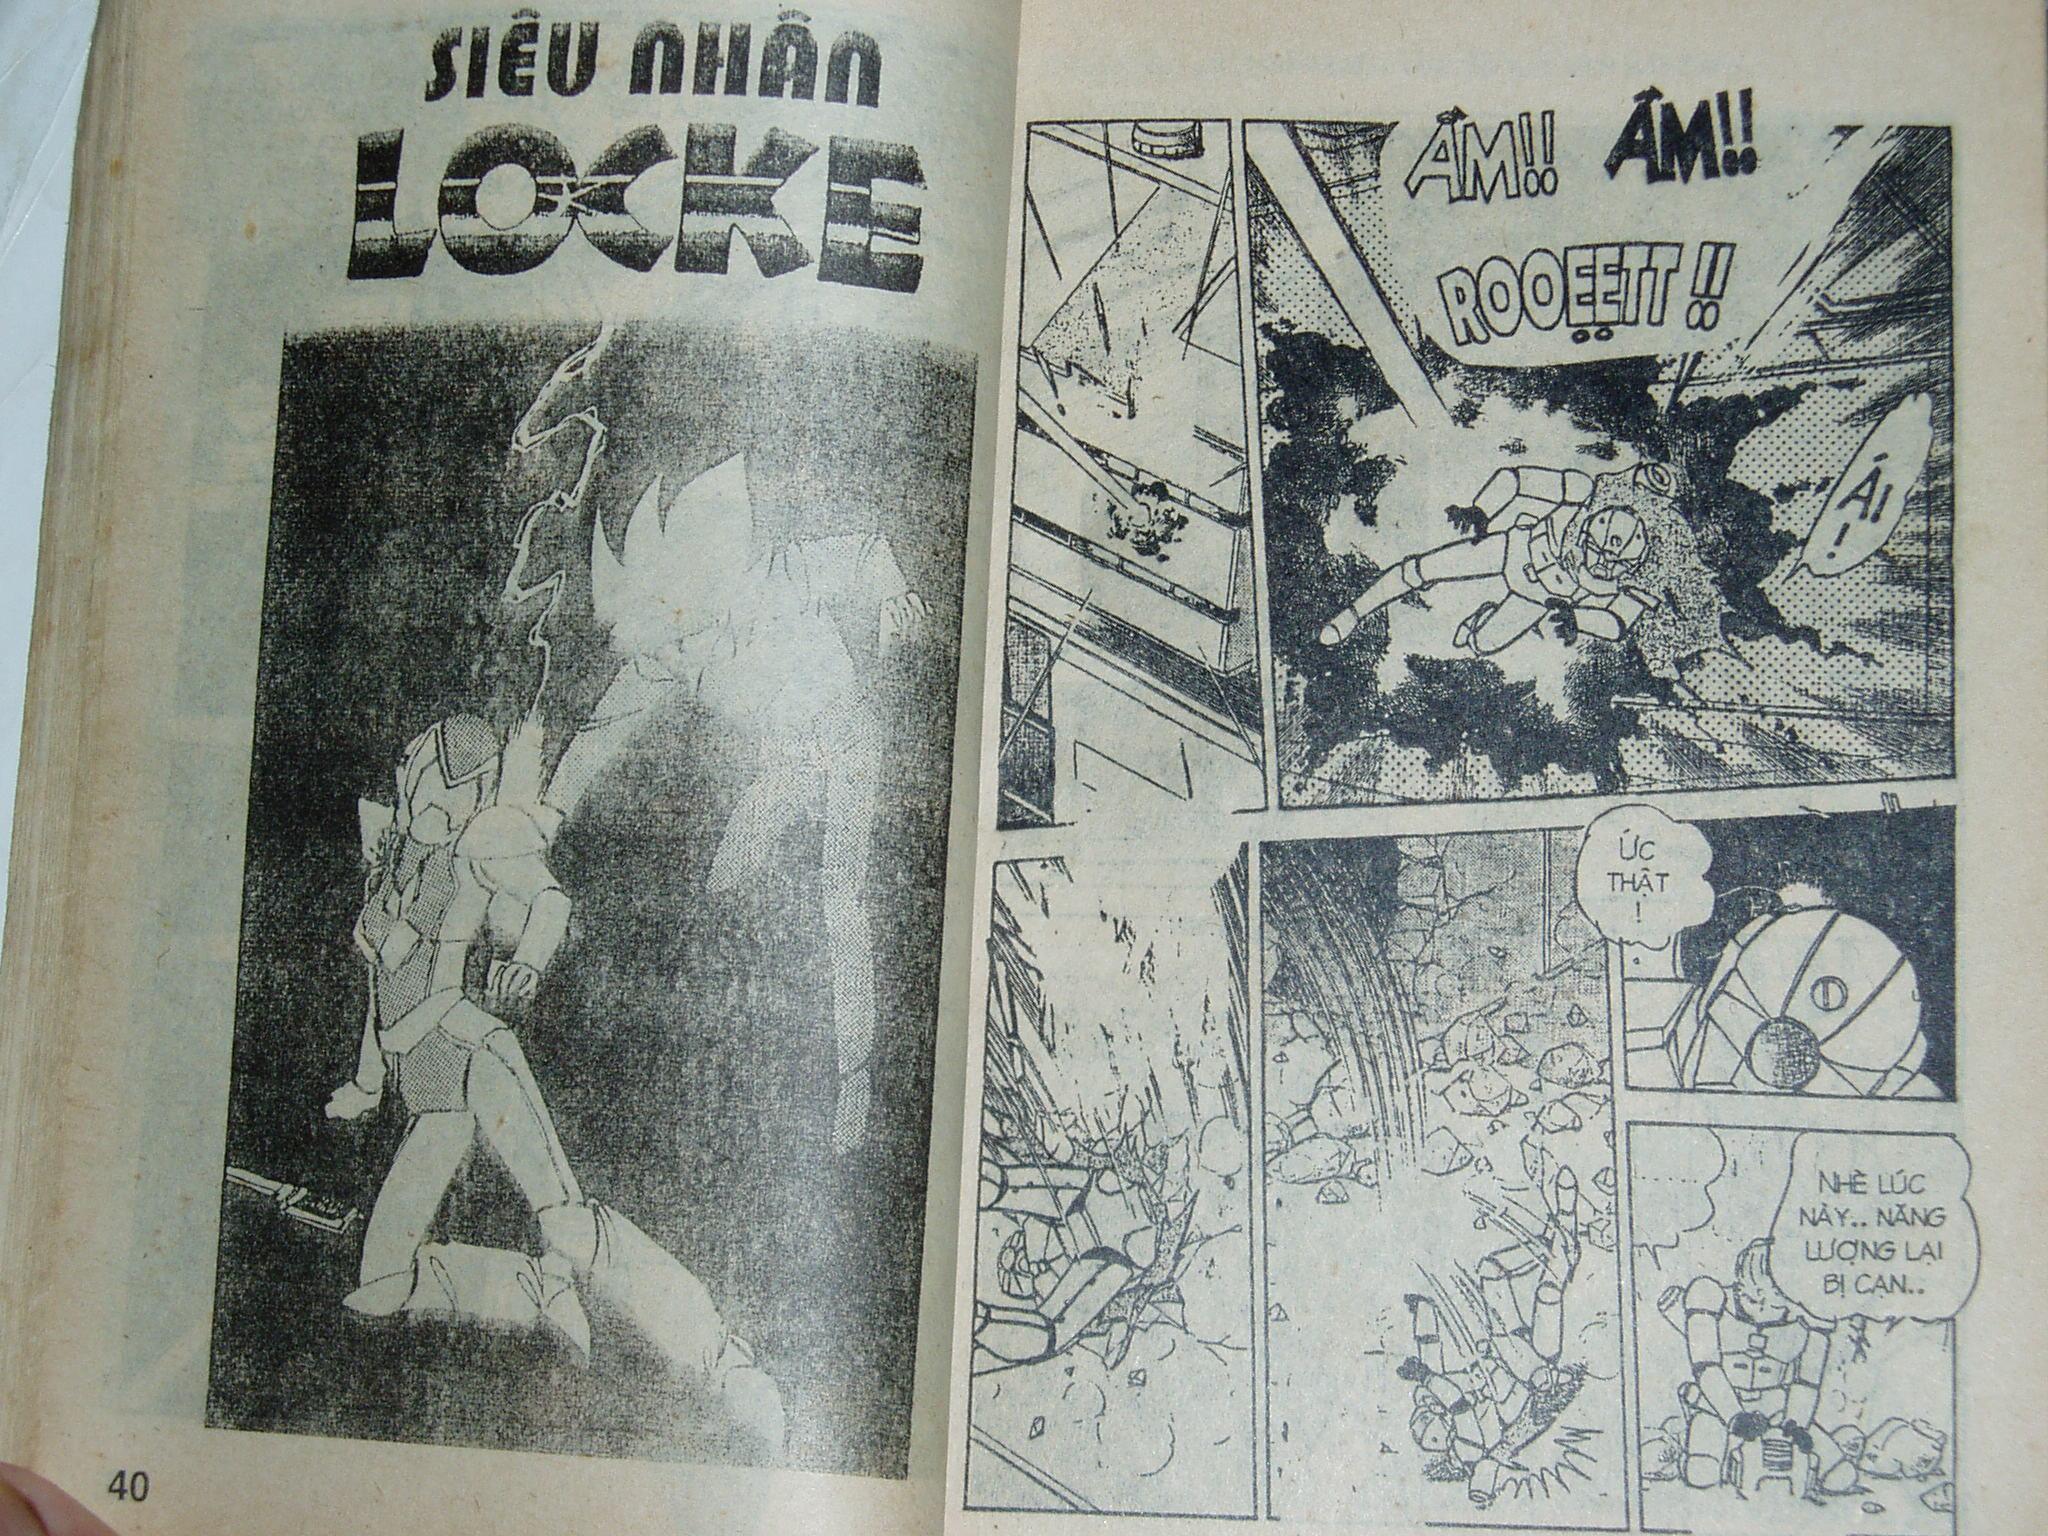 Siêu nhân Locke vol 16 trang 19